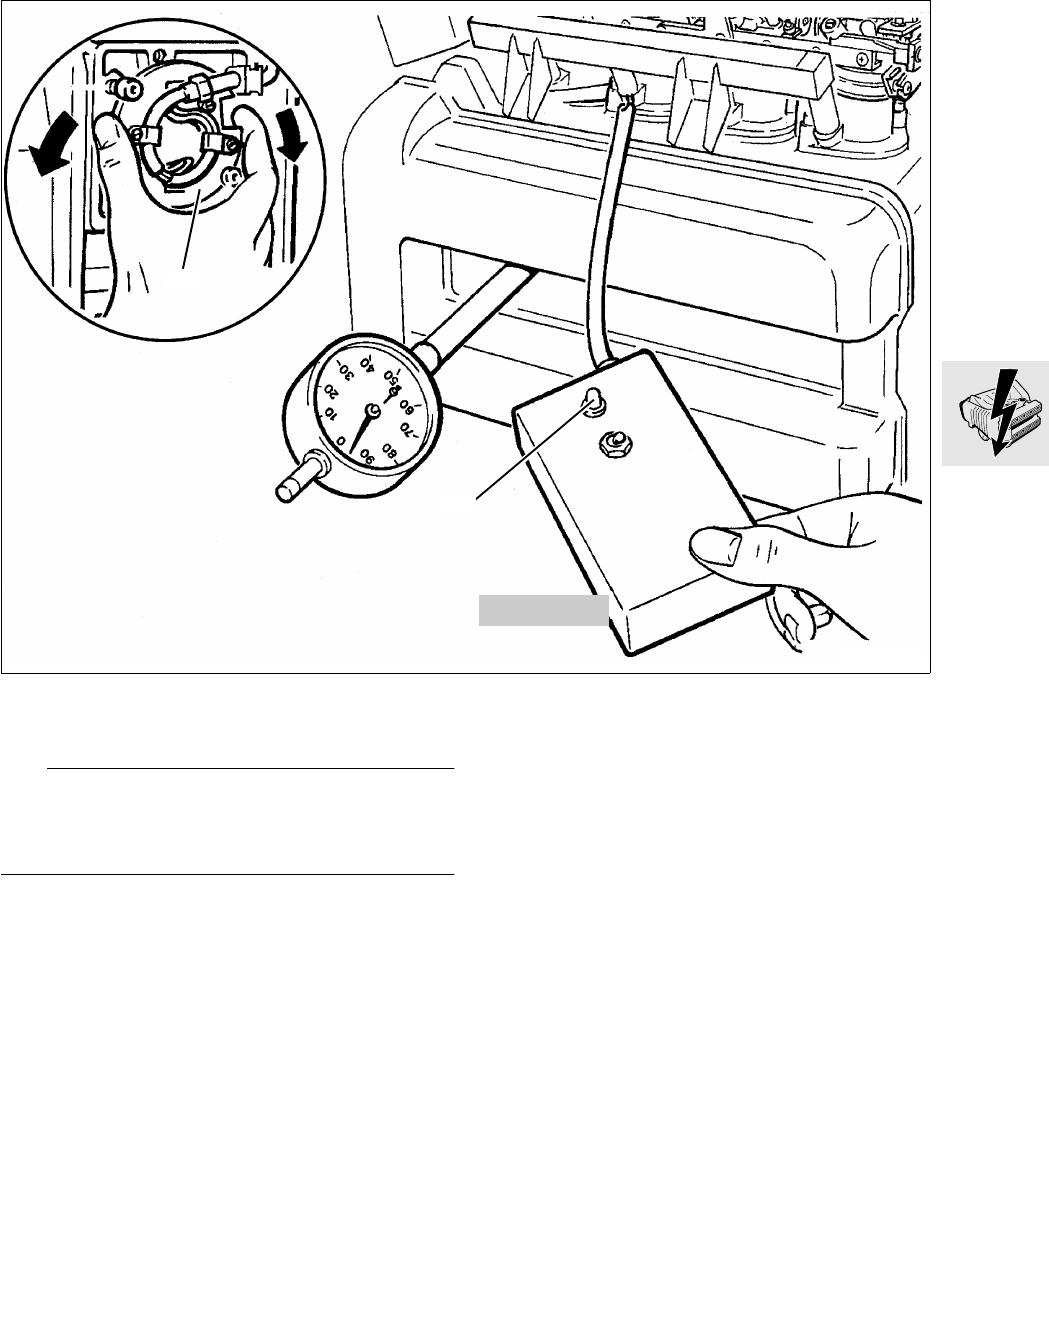 Bmw K 1100 Lt Rs Users Manual Repair K1100LT/RS